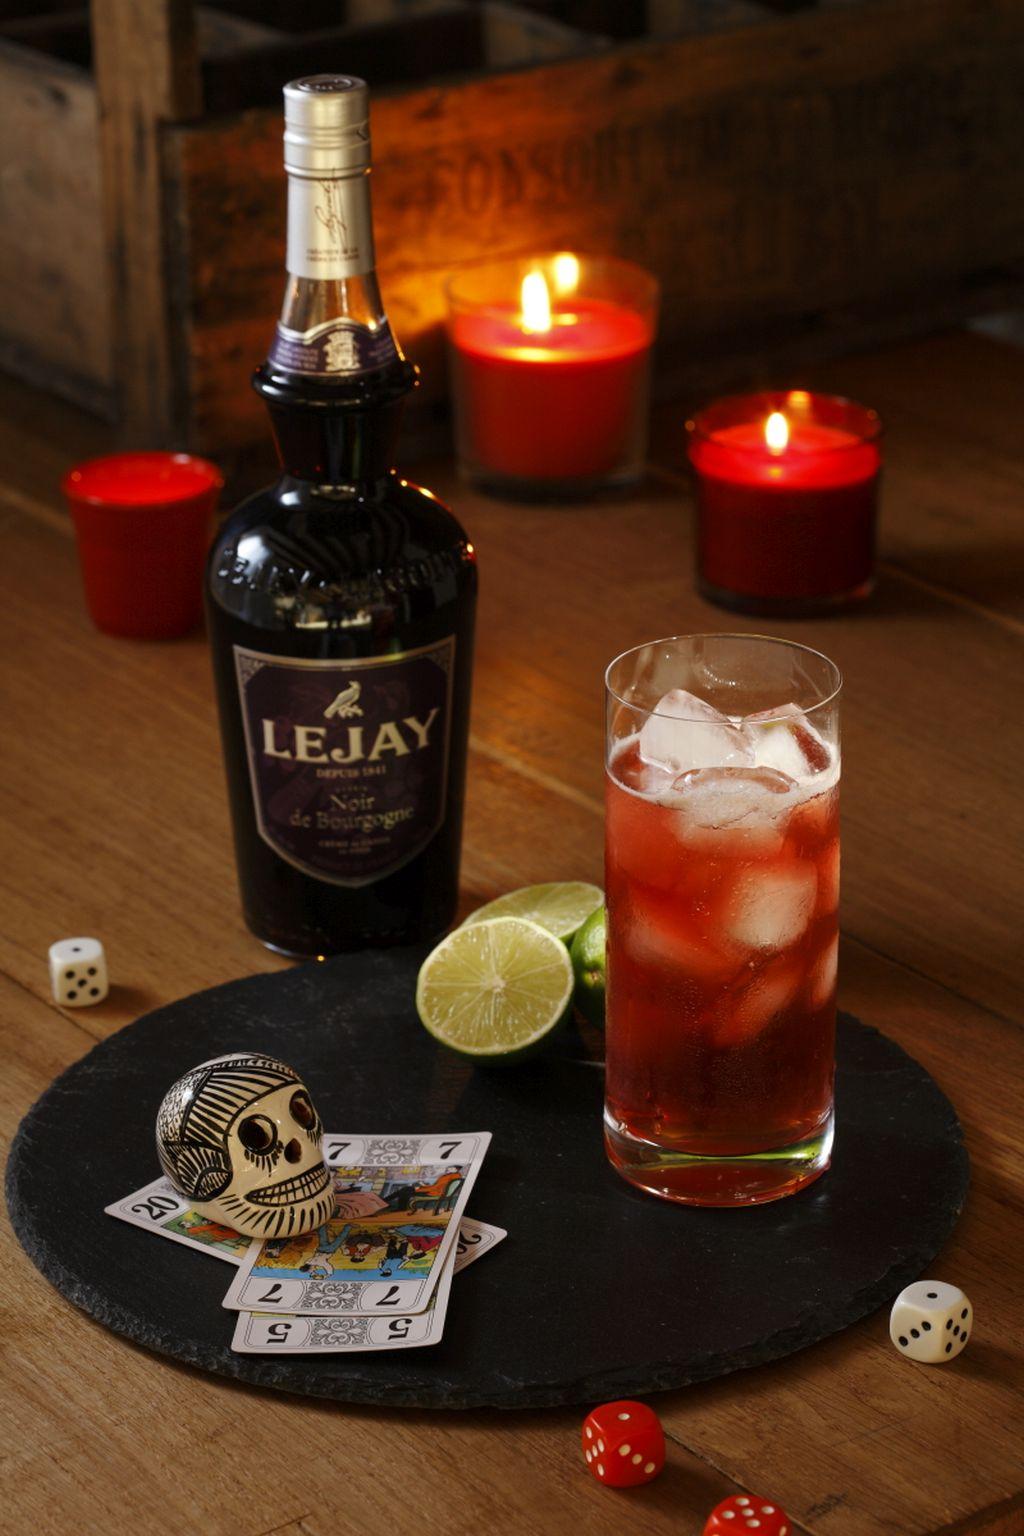 Lejay-Lagoute